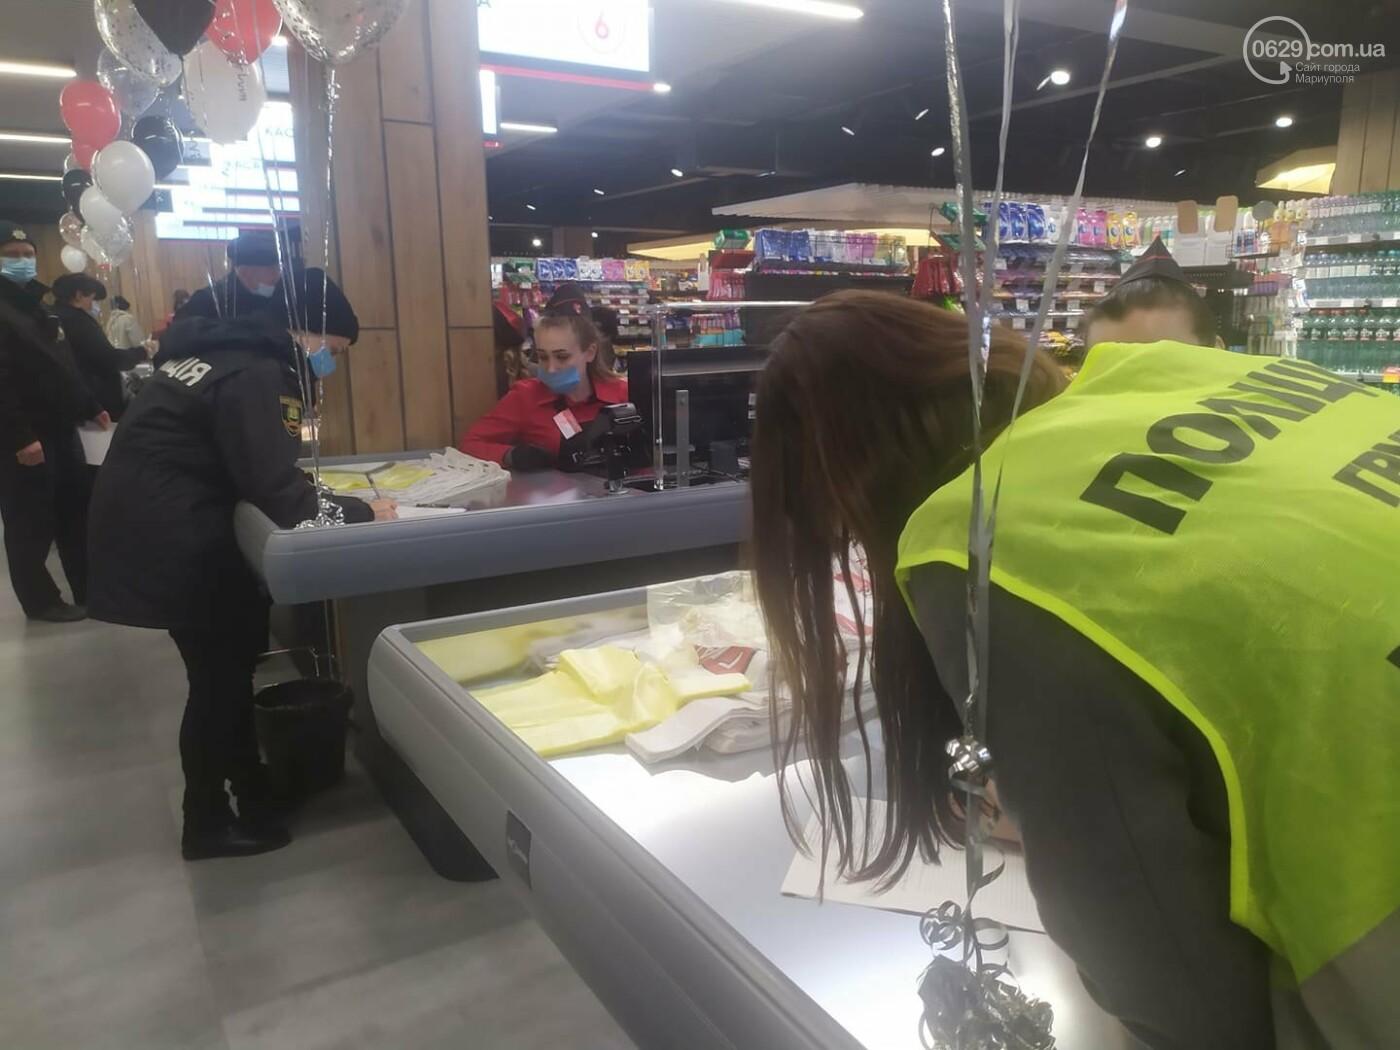 Мариупольцы в нарушение карантина штурмуют новый супермаркет, - ФОТО, ВИДЕО, фото-10